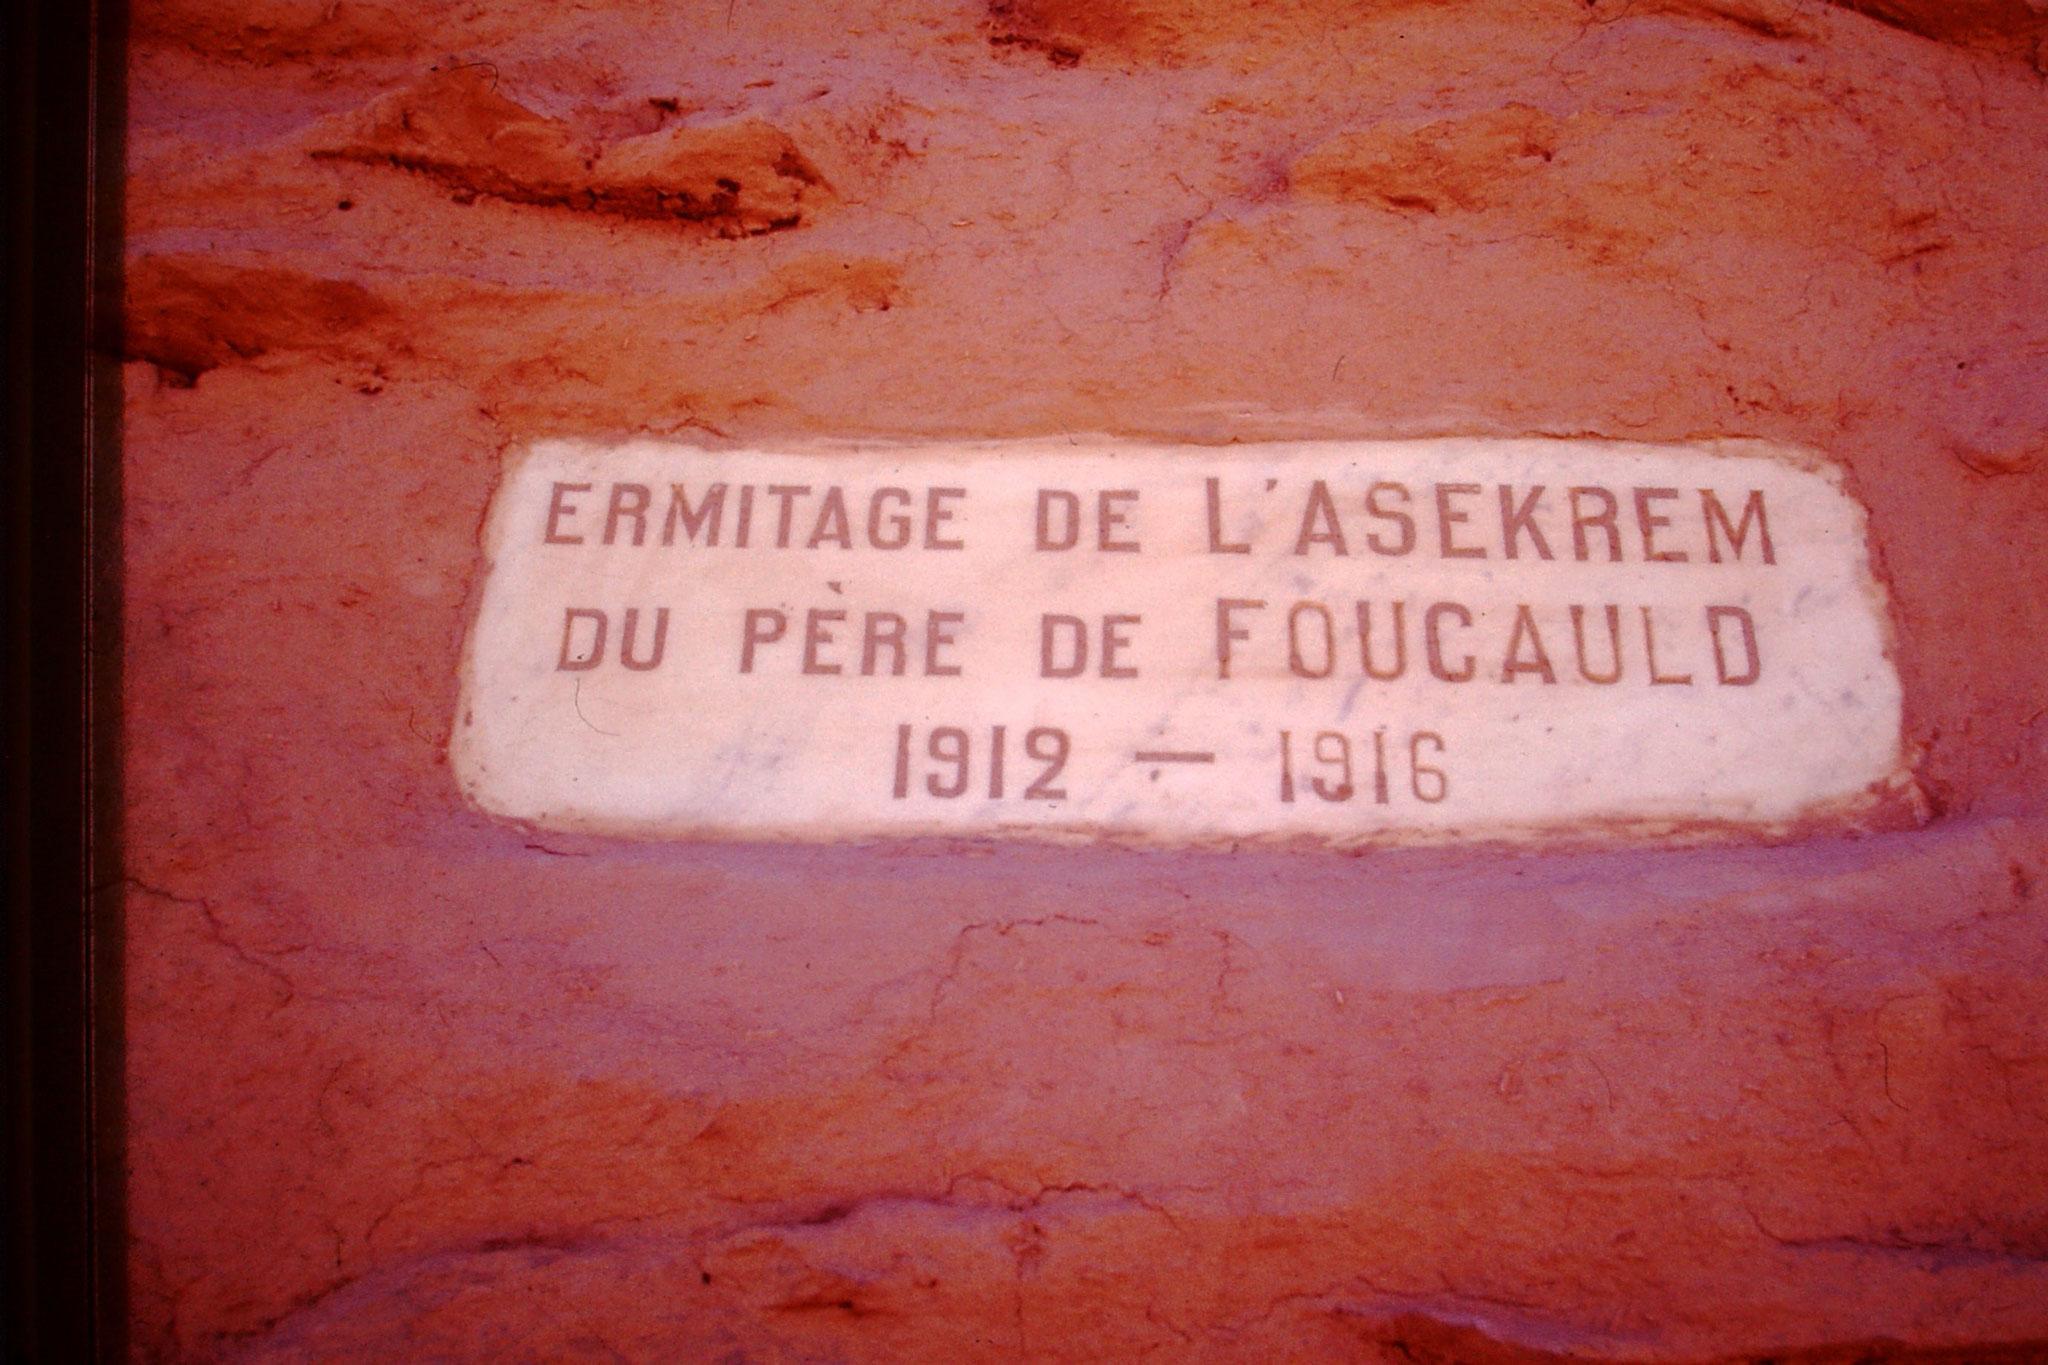 37. Der Mönch Pére de Foucauld lebte hier 4 Jahre.